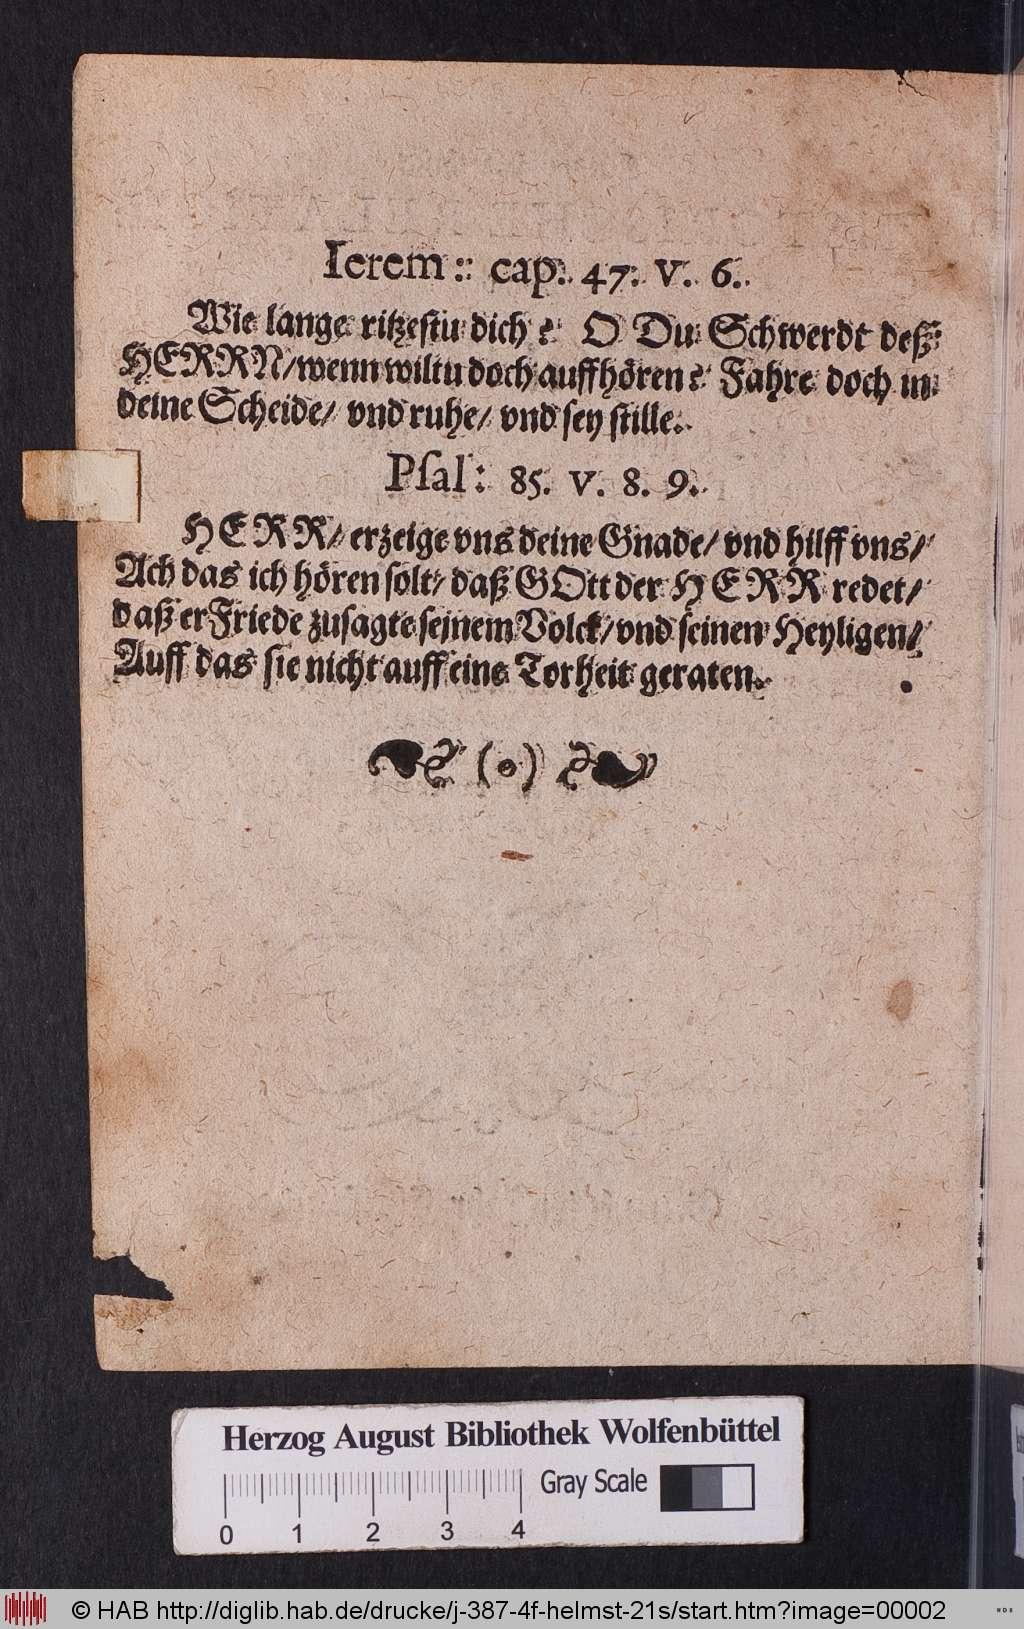 http://diglib.hab.de/drucke/j-387-4f-helmst-21s/00002.jpg